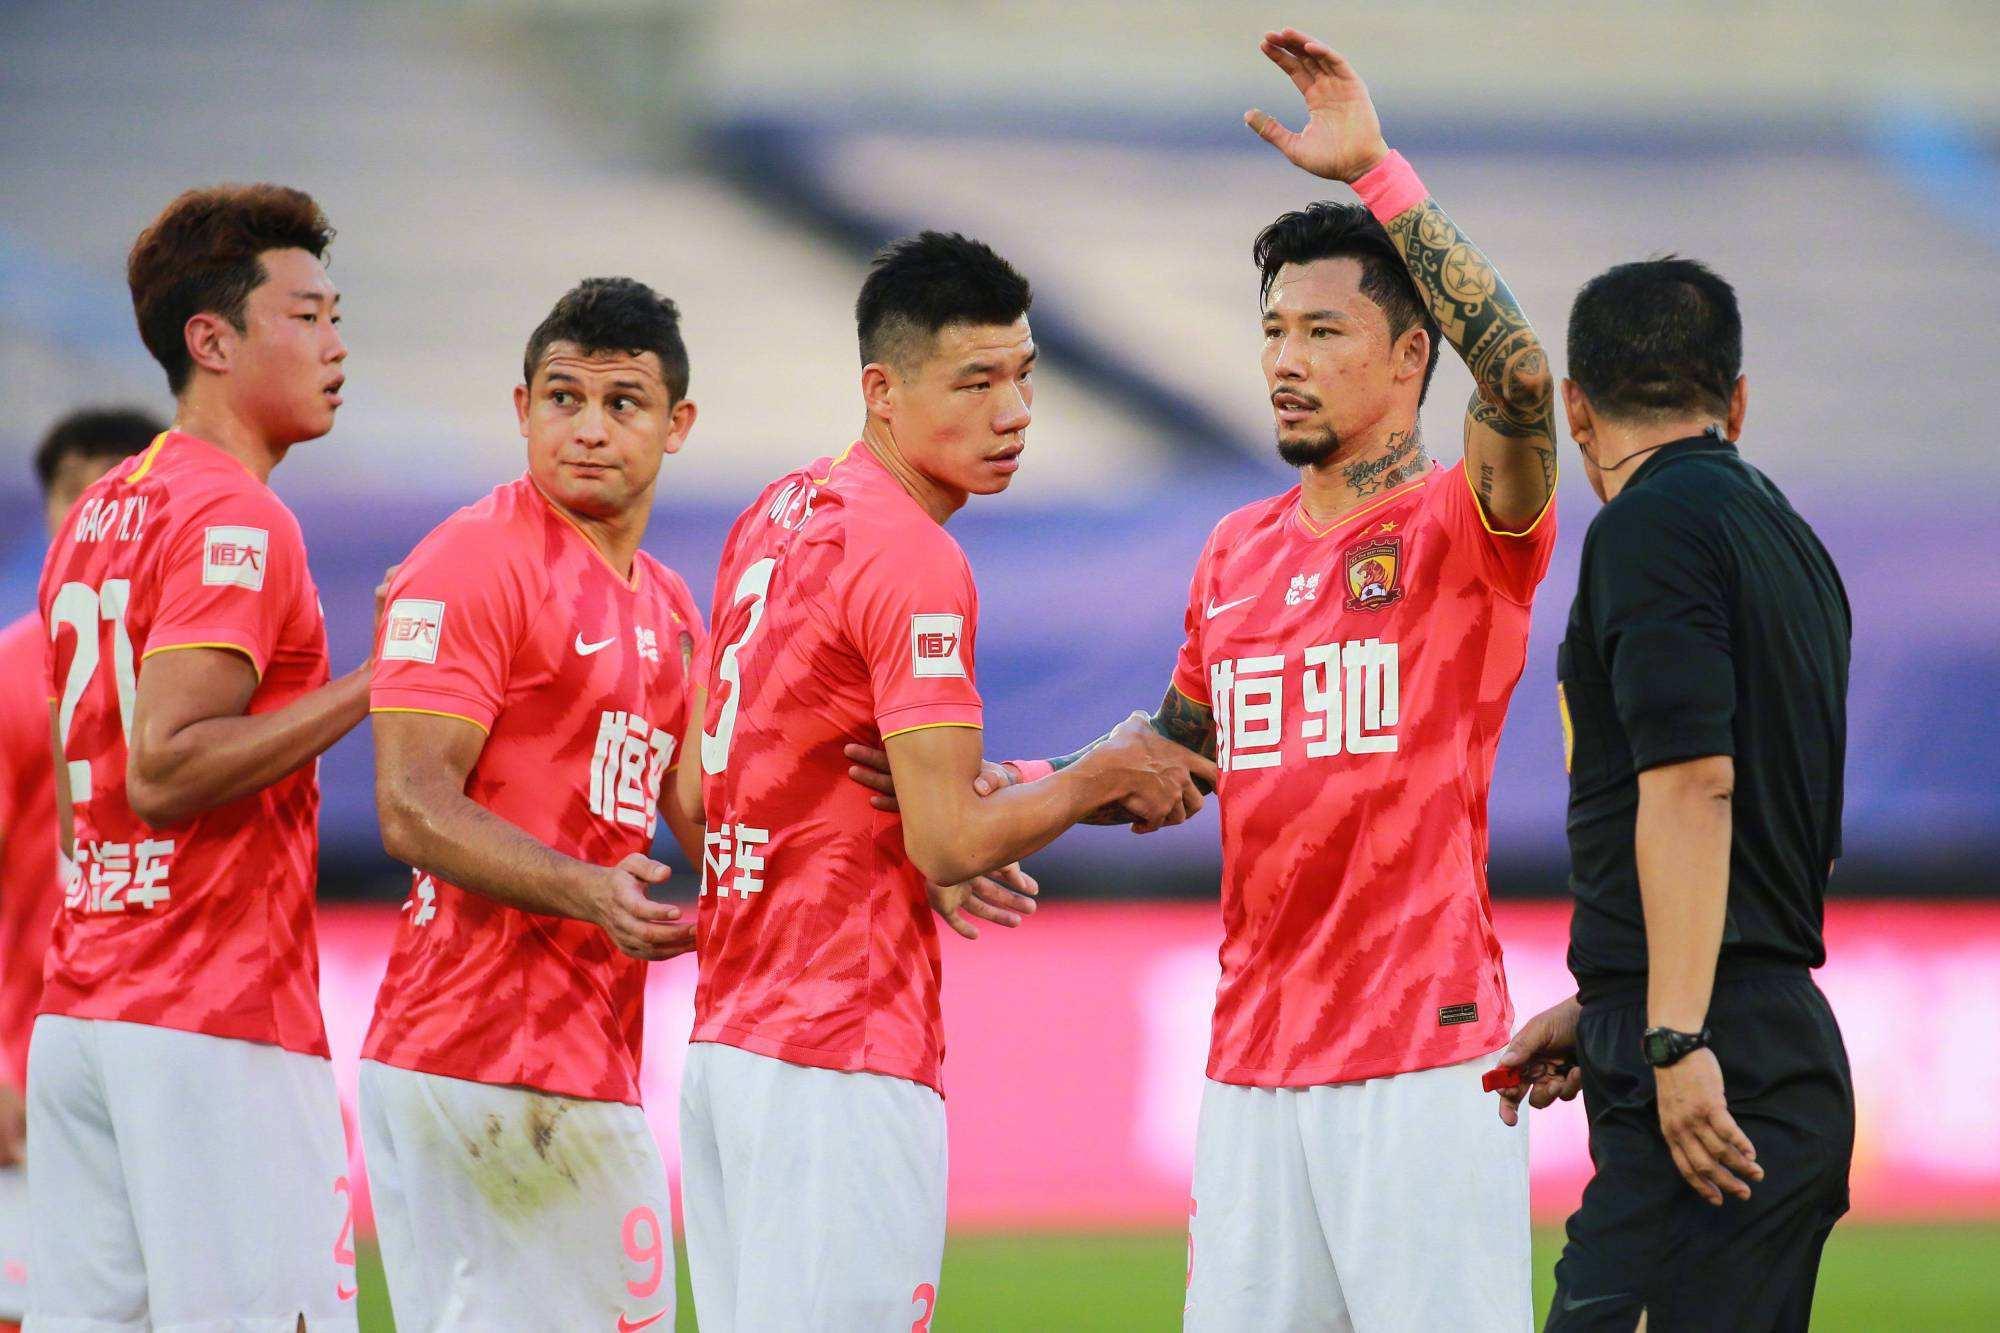 驯化球员为何刺激本土前锋进攻,韦世豪和刘云